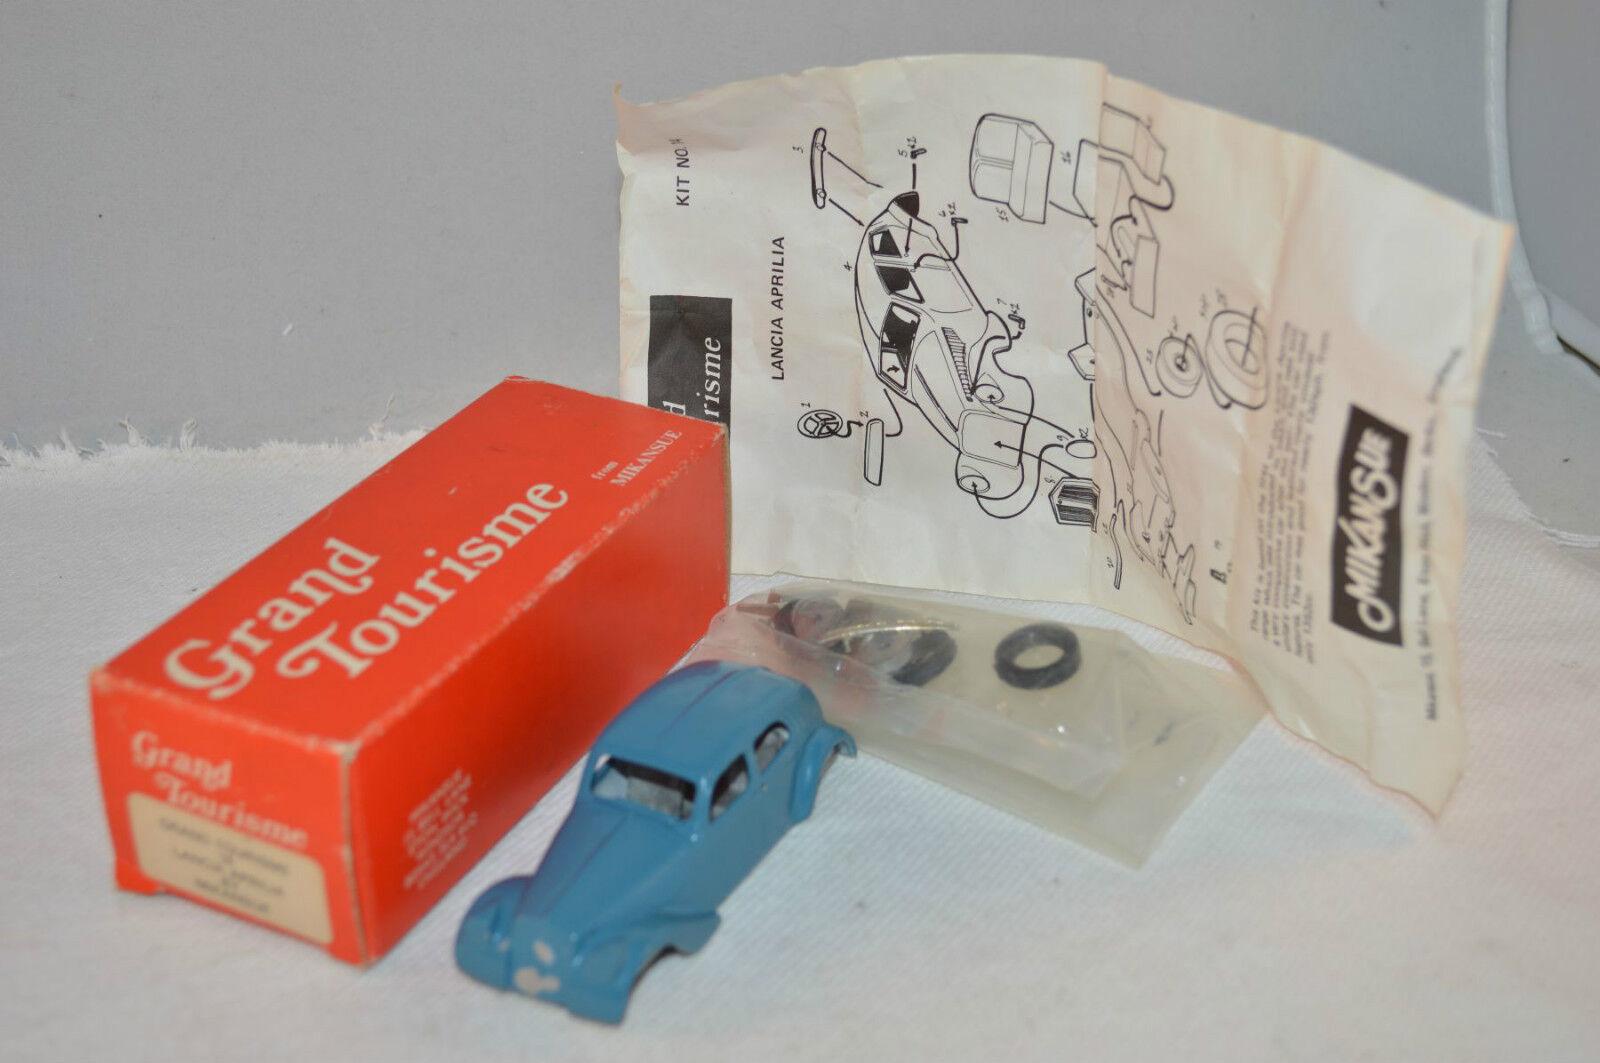 Mikansue 14 Lancia Aprilia Grand tourisme kit in box